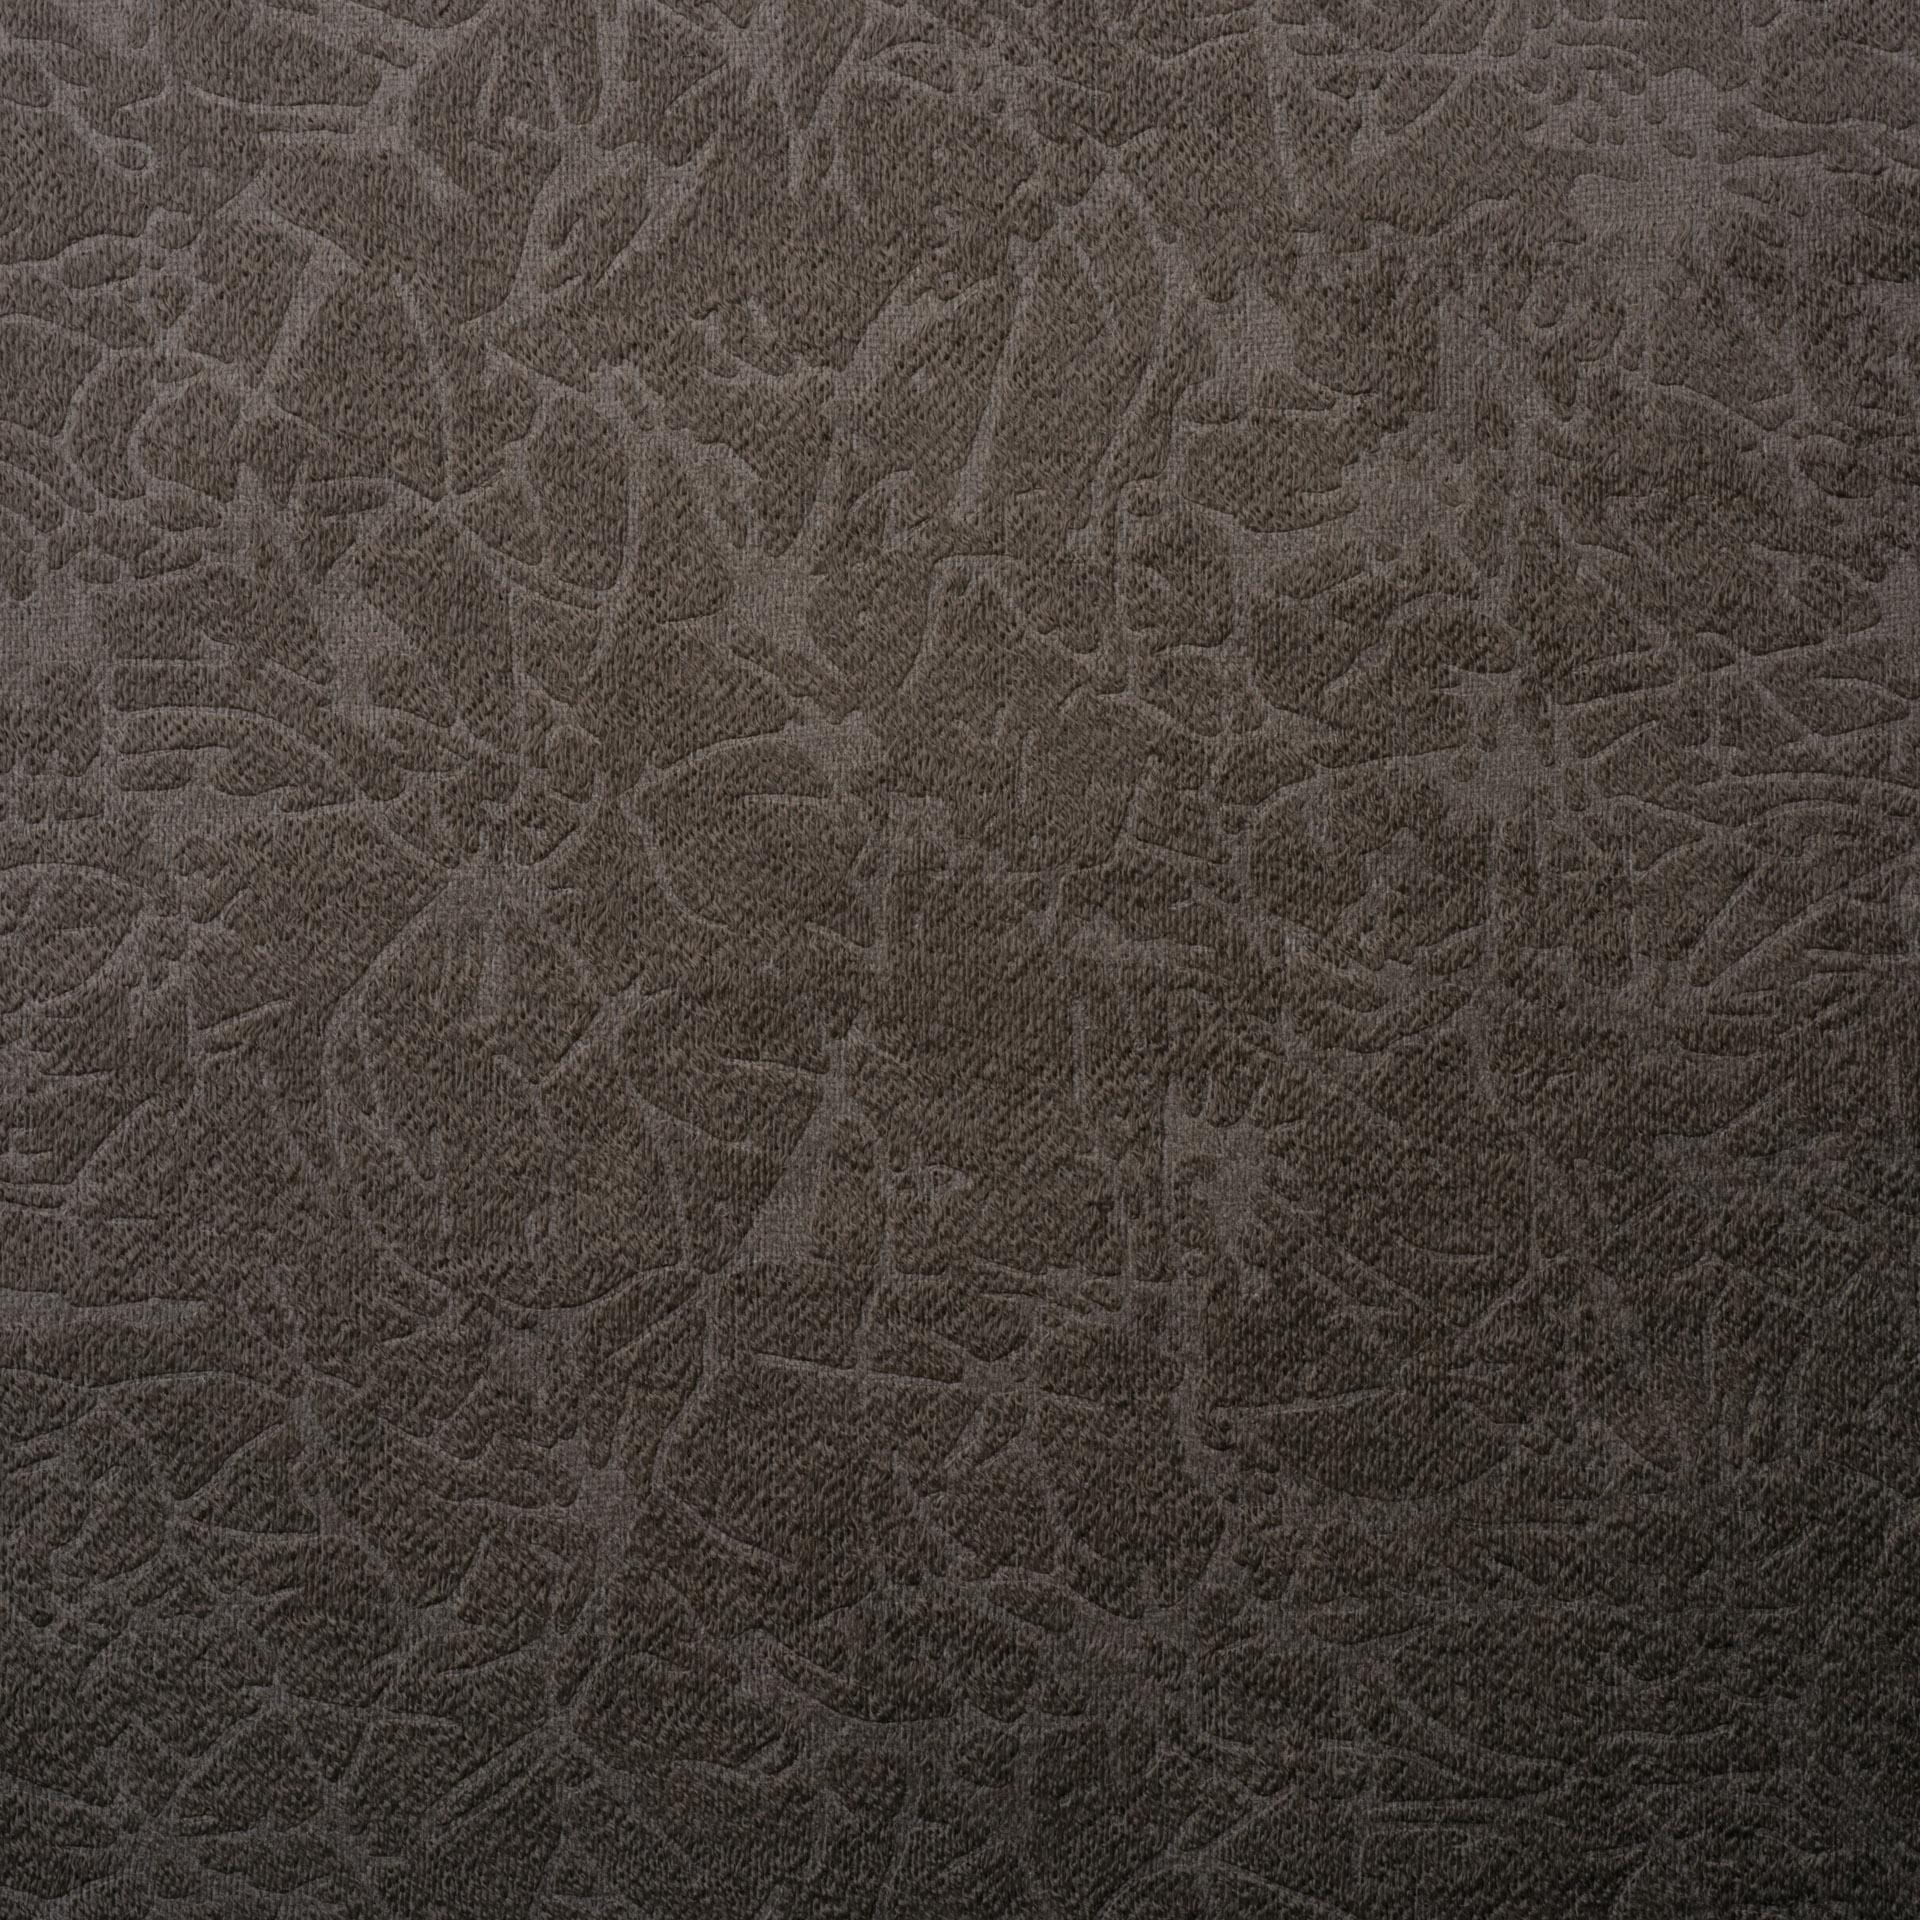 Коллекция ткани Пленет 09 COFFEE,  купить ткань Велюр для мебели Украина